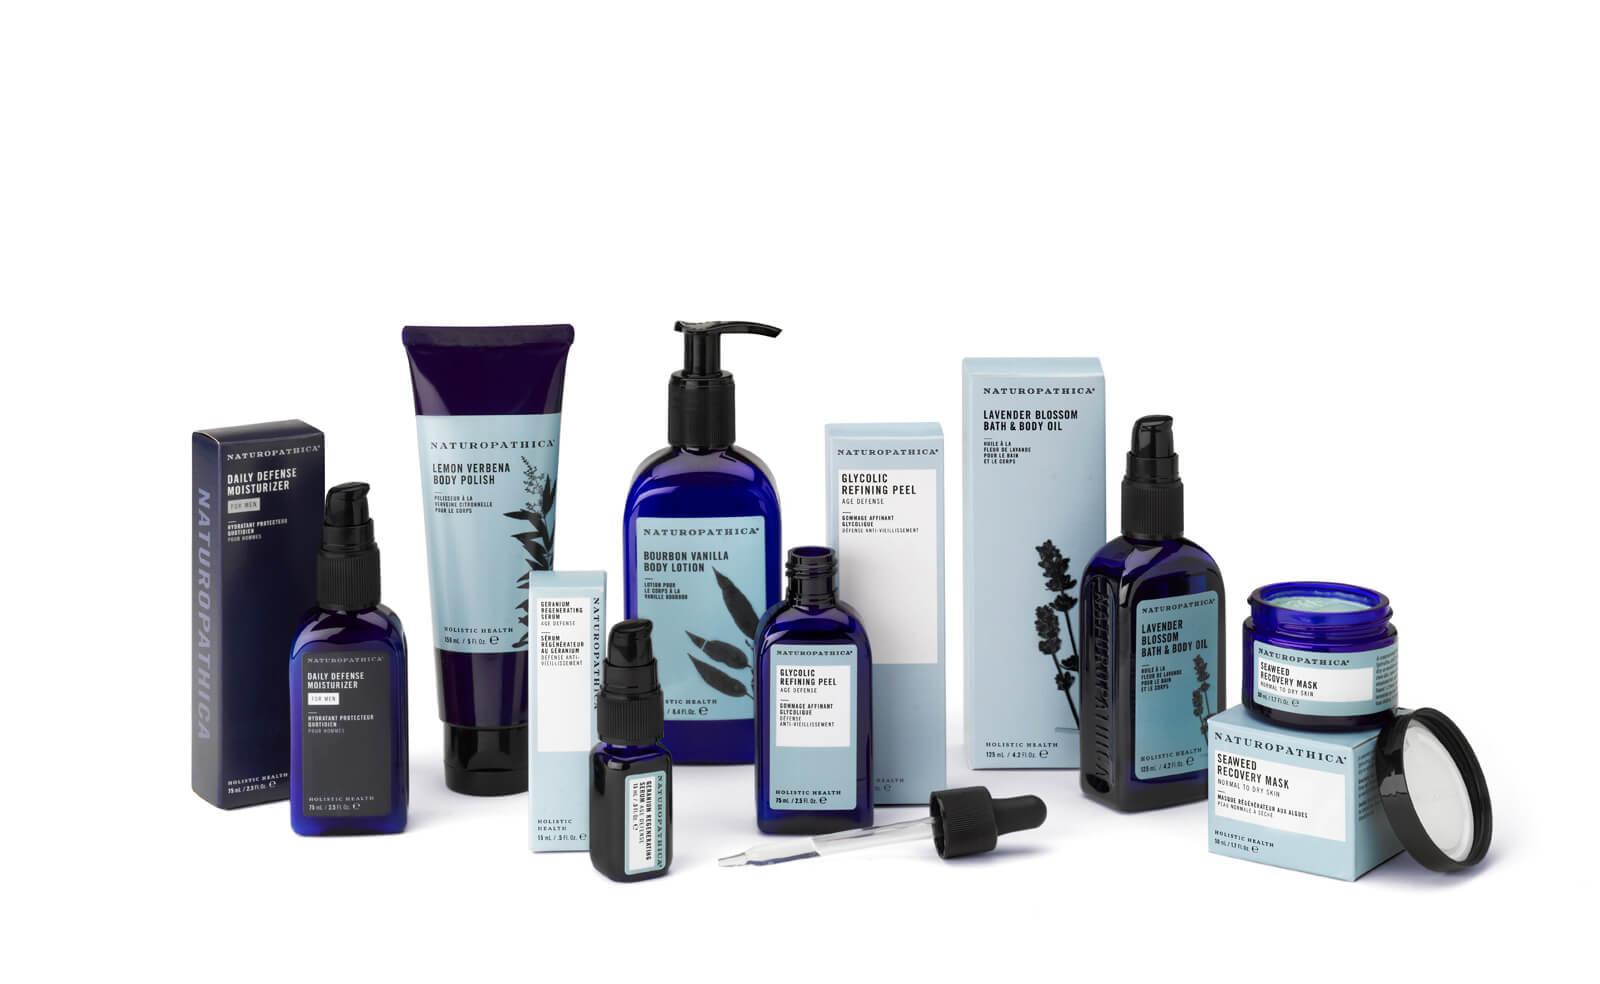 Light/dark blue Naturopathica bottles, tubes, and box packaging